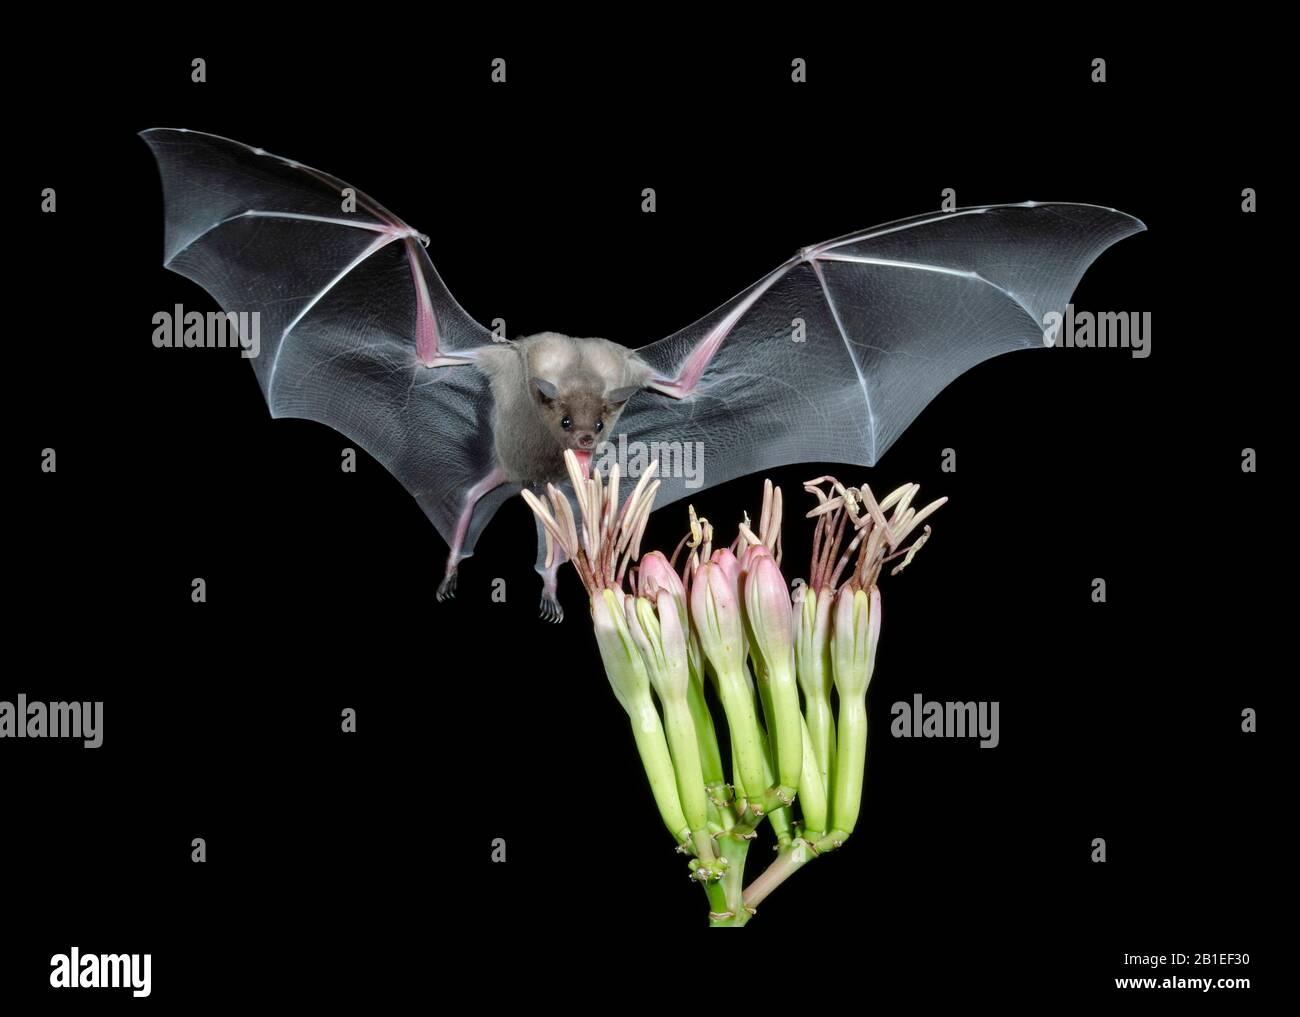 Pipistrello meno a lungo (Leptonycteris curasoae), che si nutrono di un fiore Agave. Amado, Arizona. Foto Stock